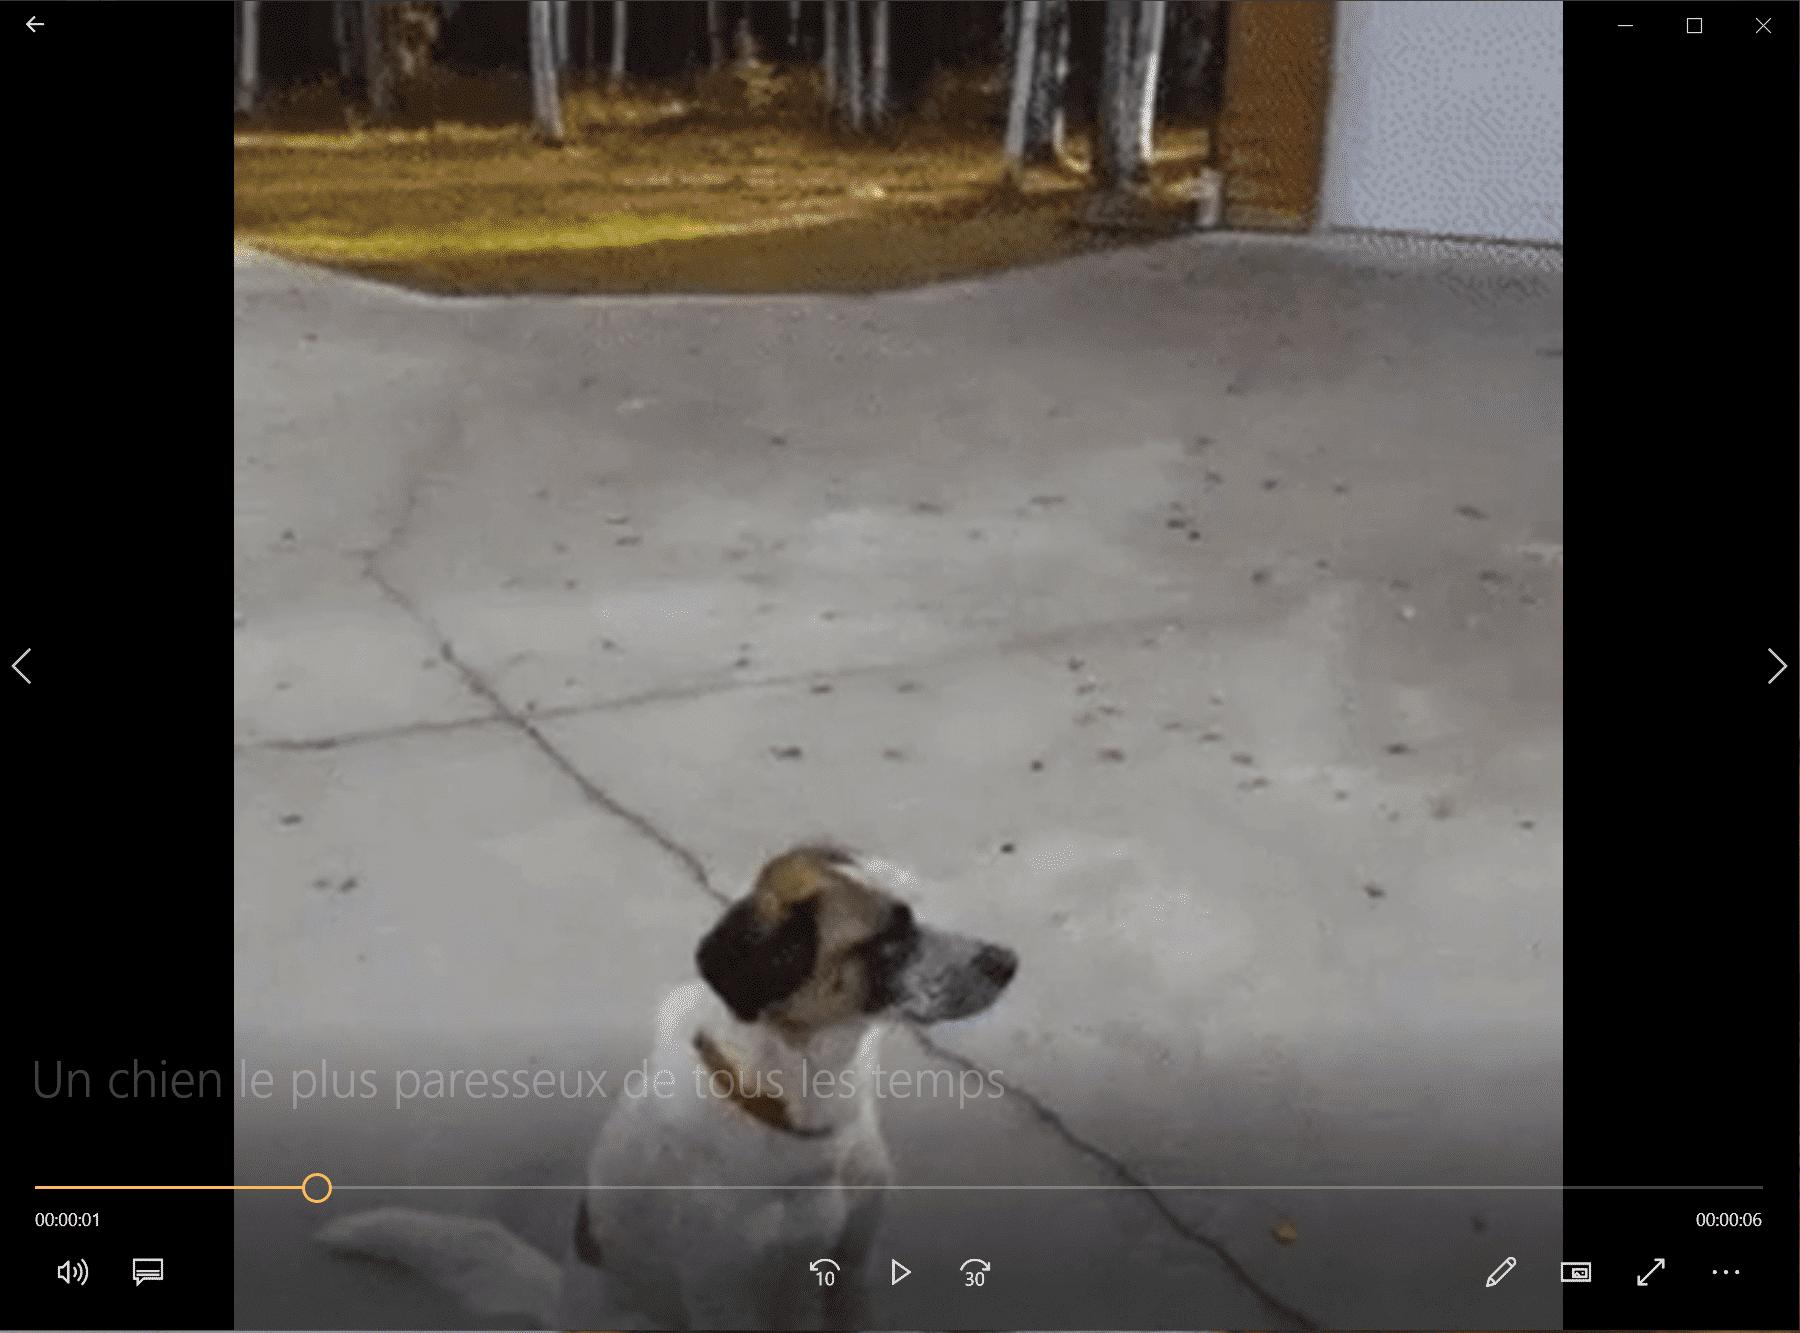 Un chien le plus paresseux de tous les temps